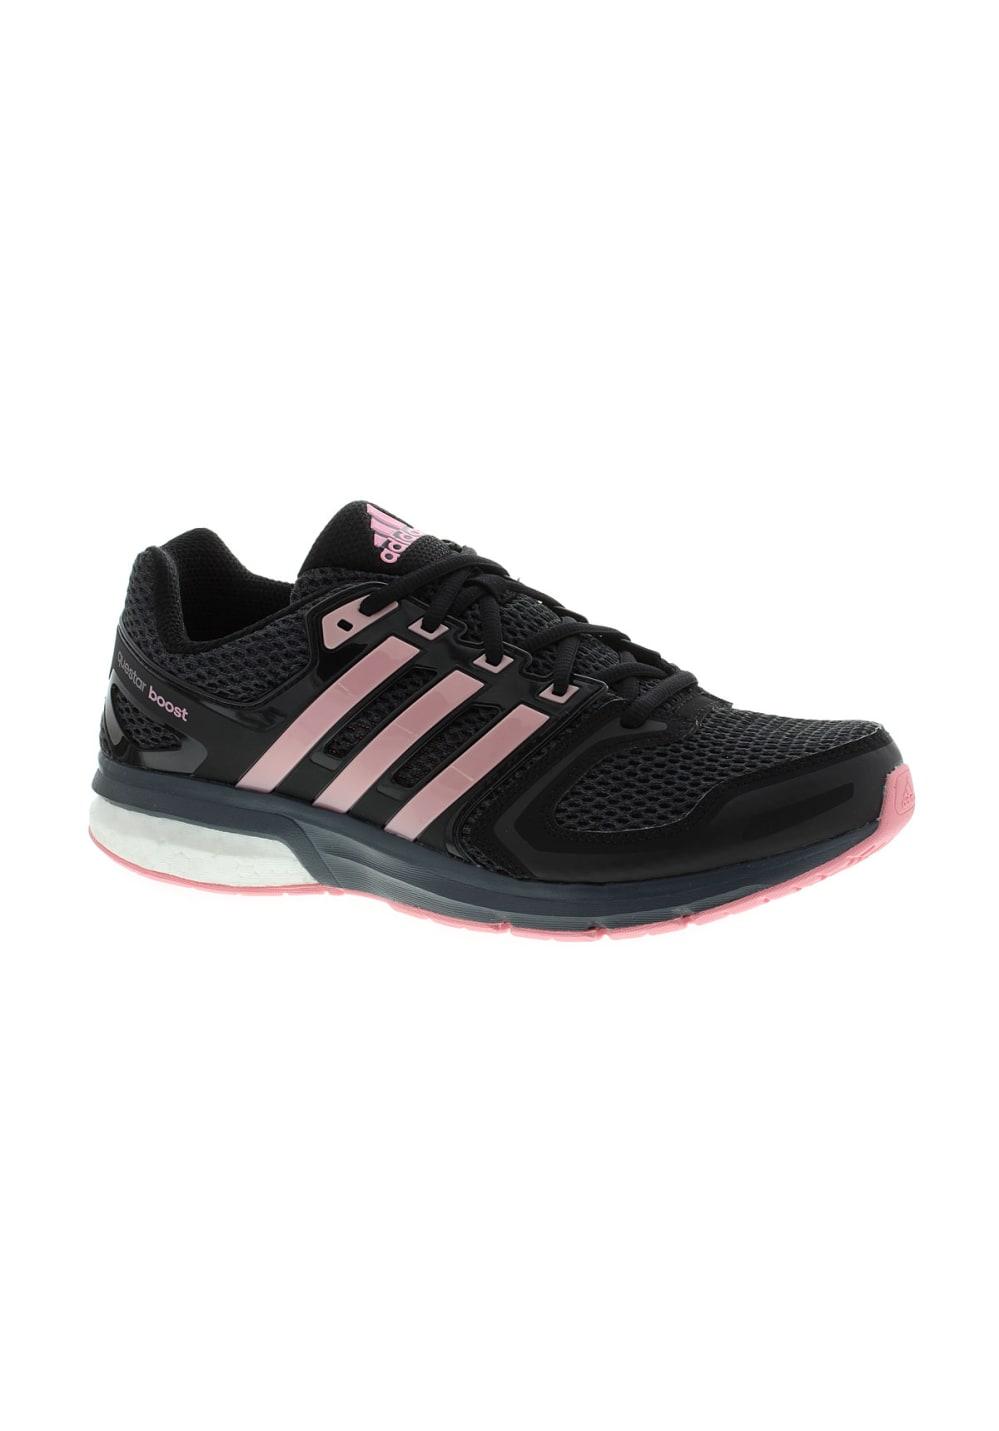 Adidas Questar Boost Femmes Chaussures running